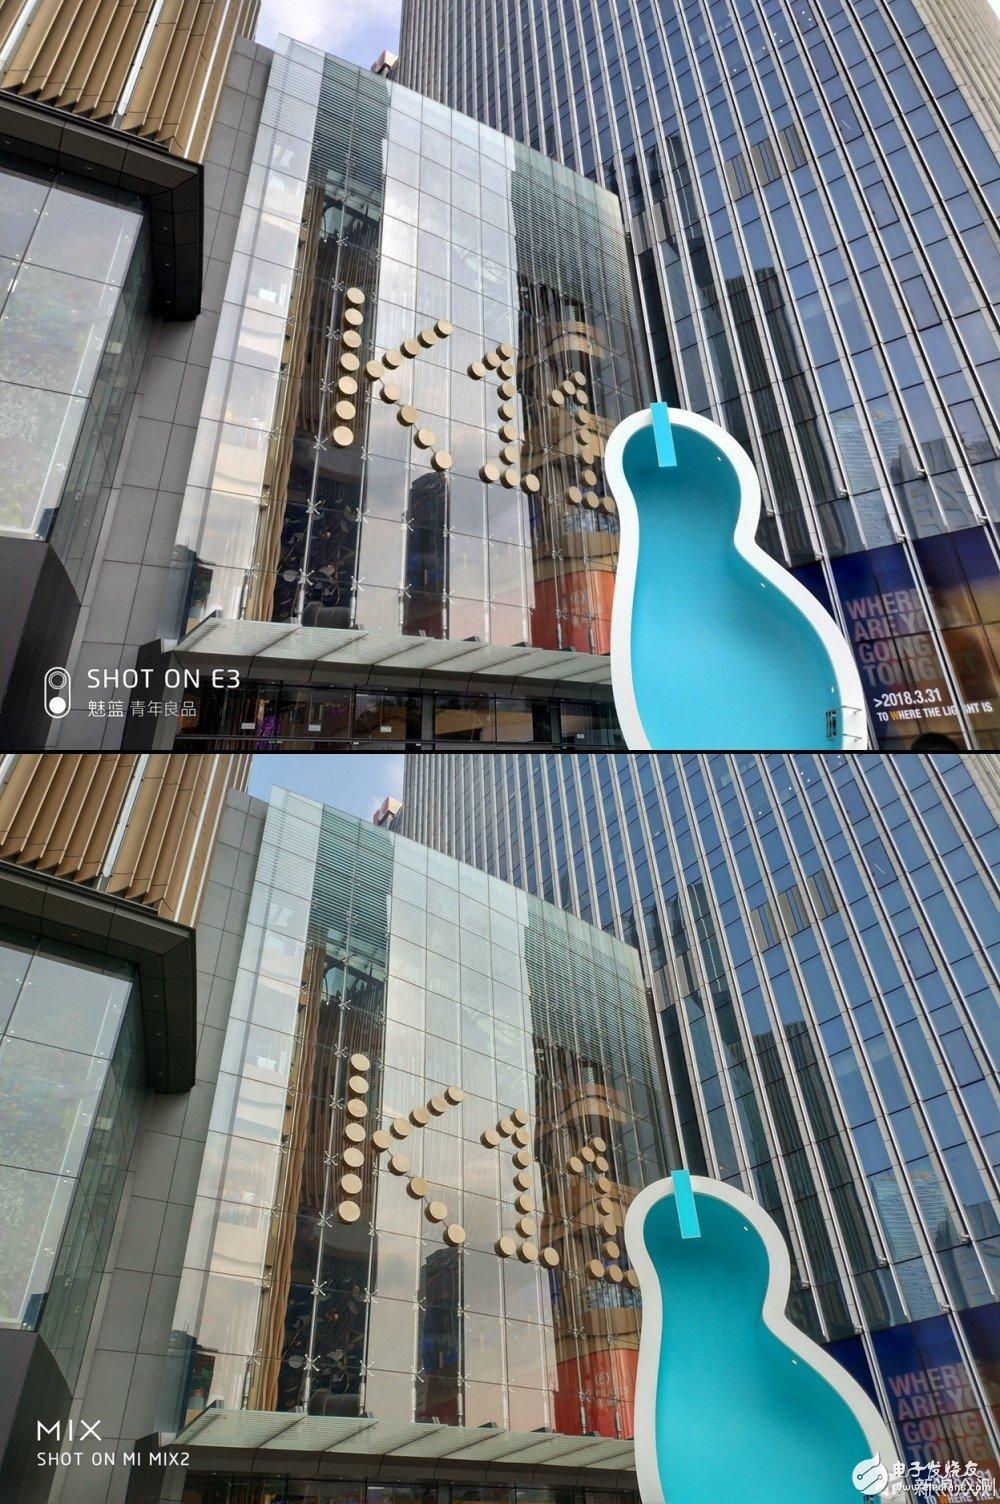 小米魅蓝E3详细测评 拍照是亮点!